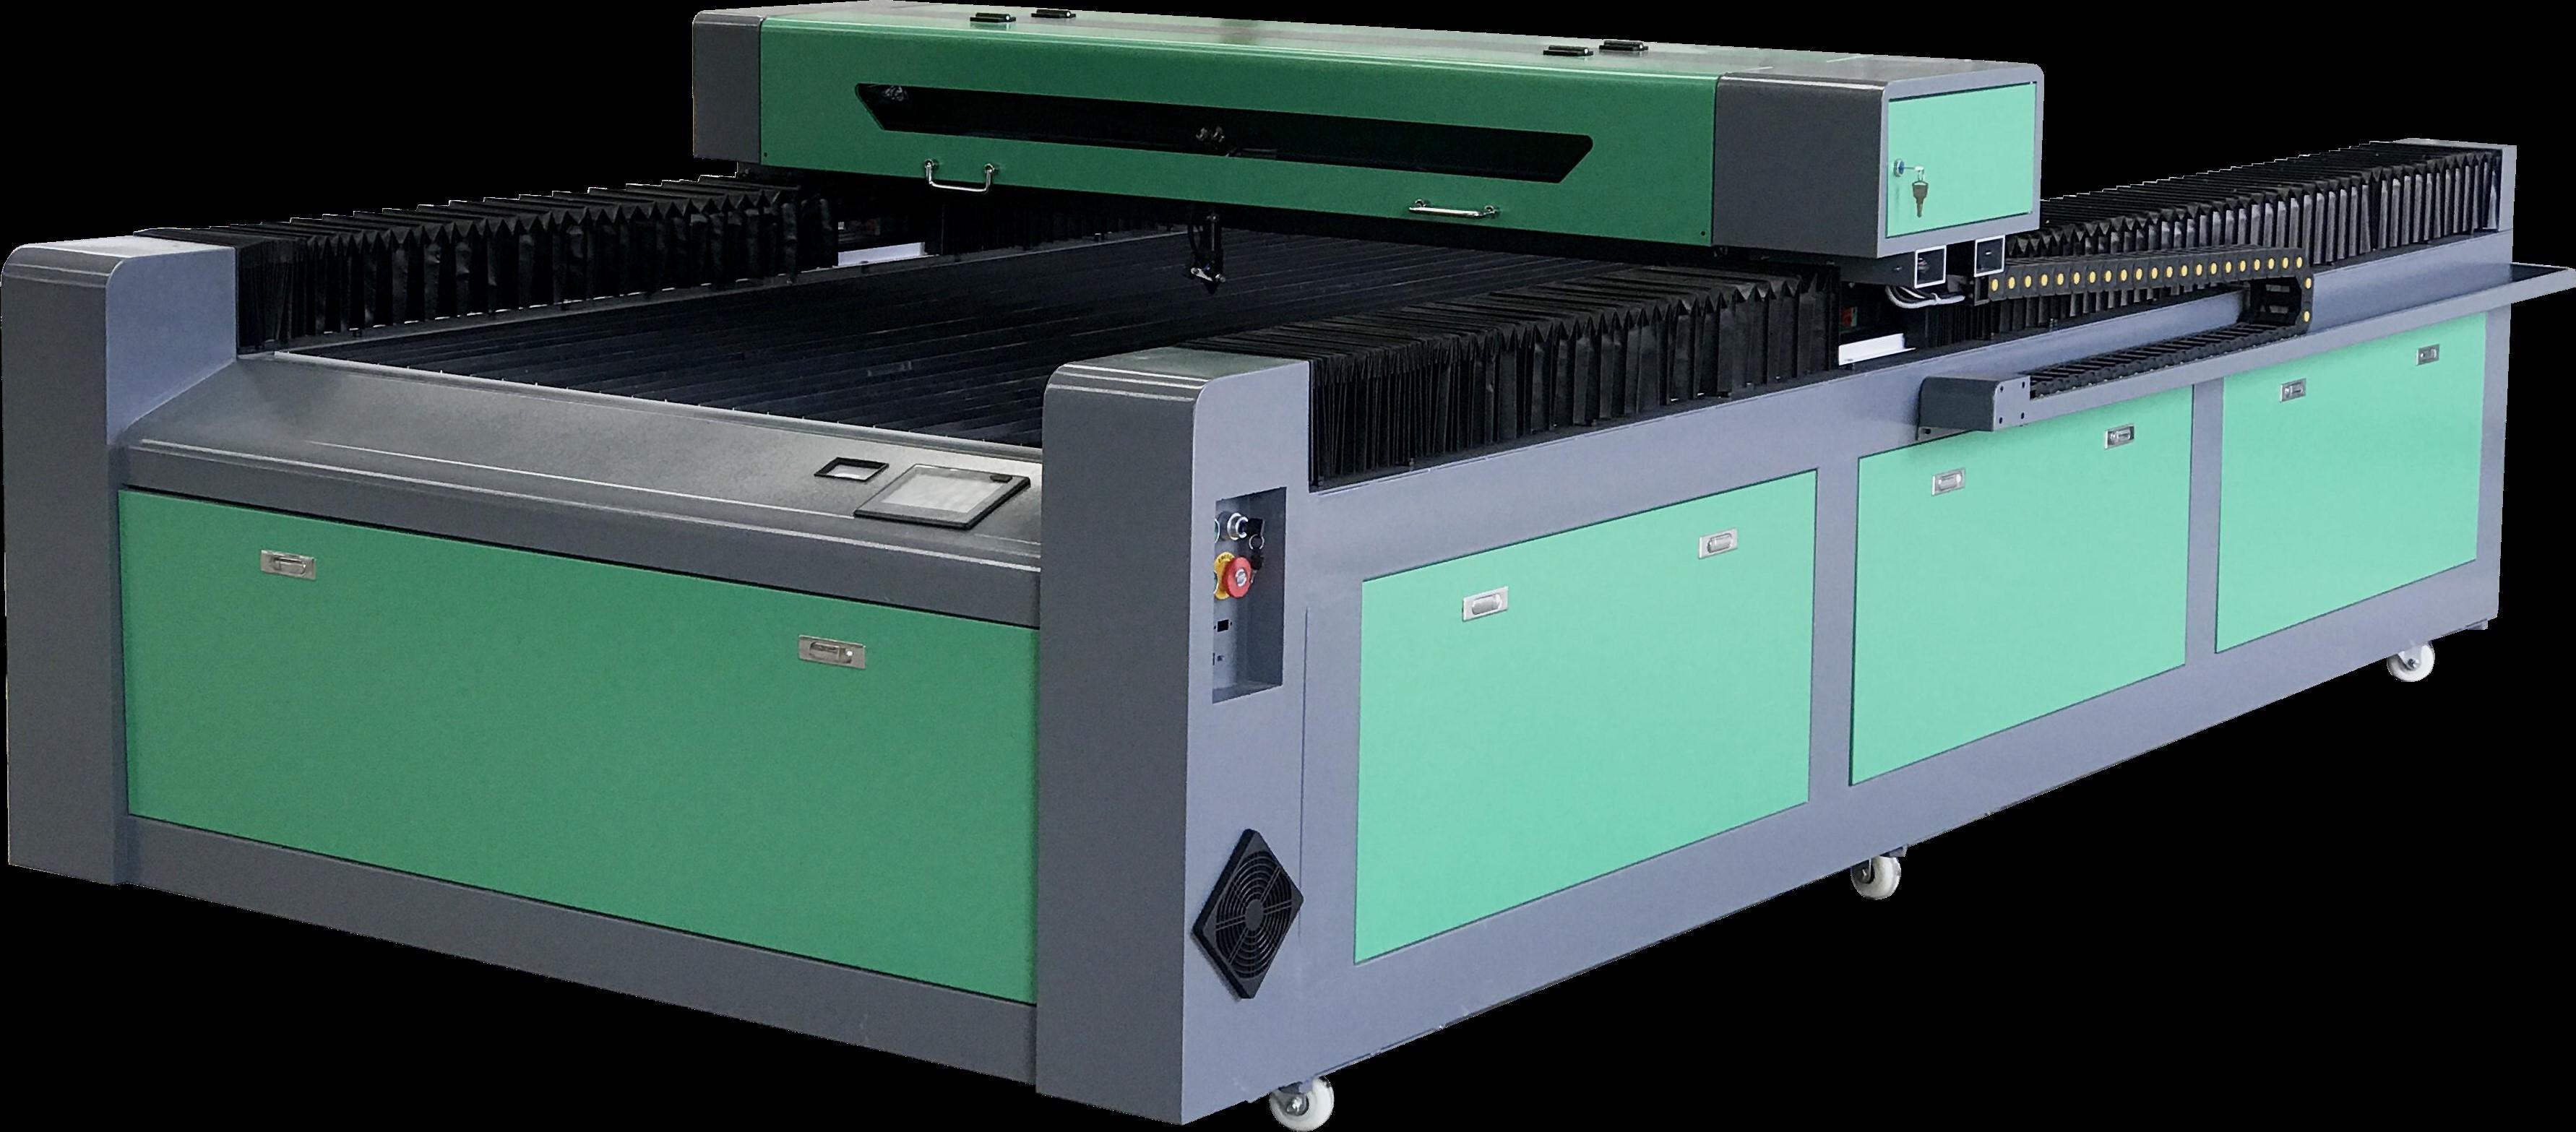 Hướng dẫn lắp đặt, vận hành Máy cắt laser DEK-1325J-150W